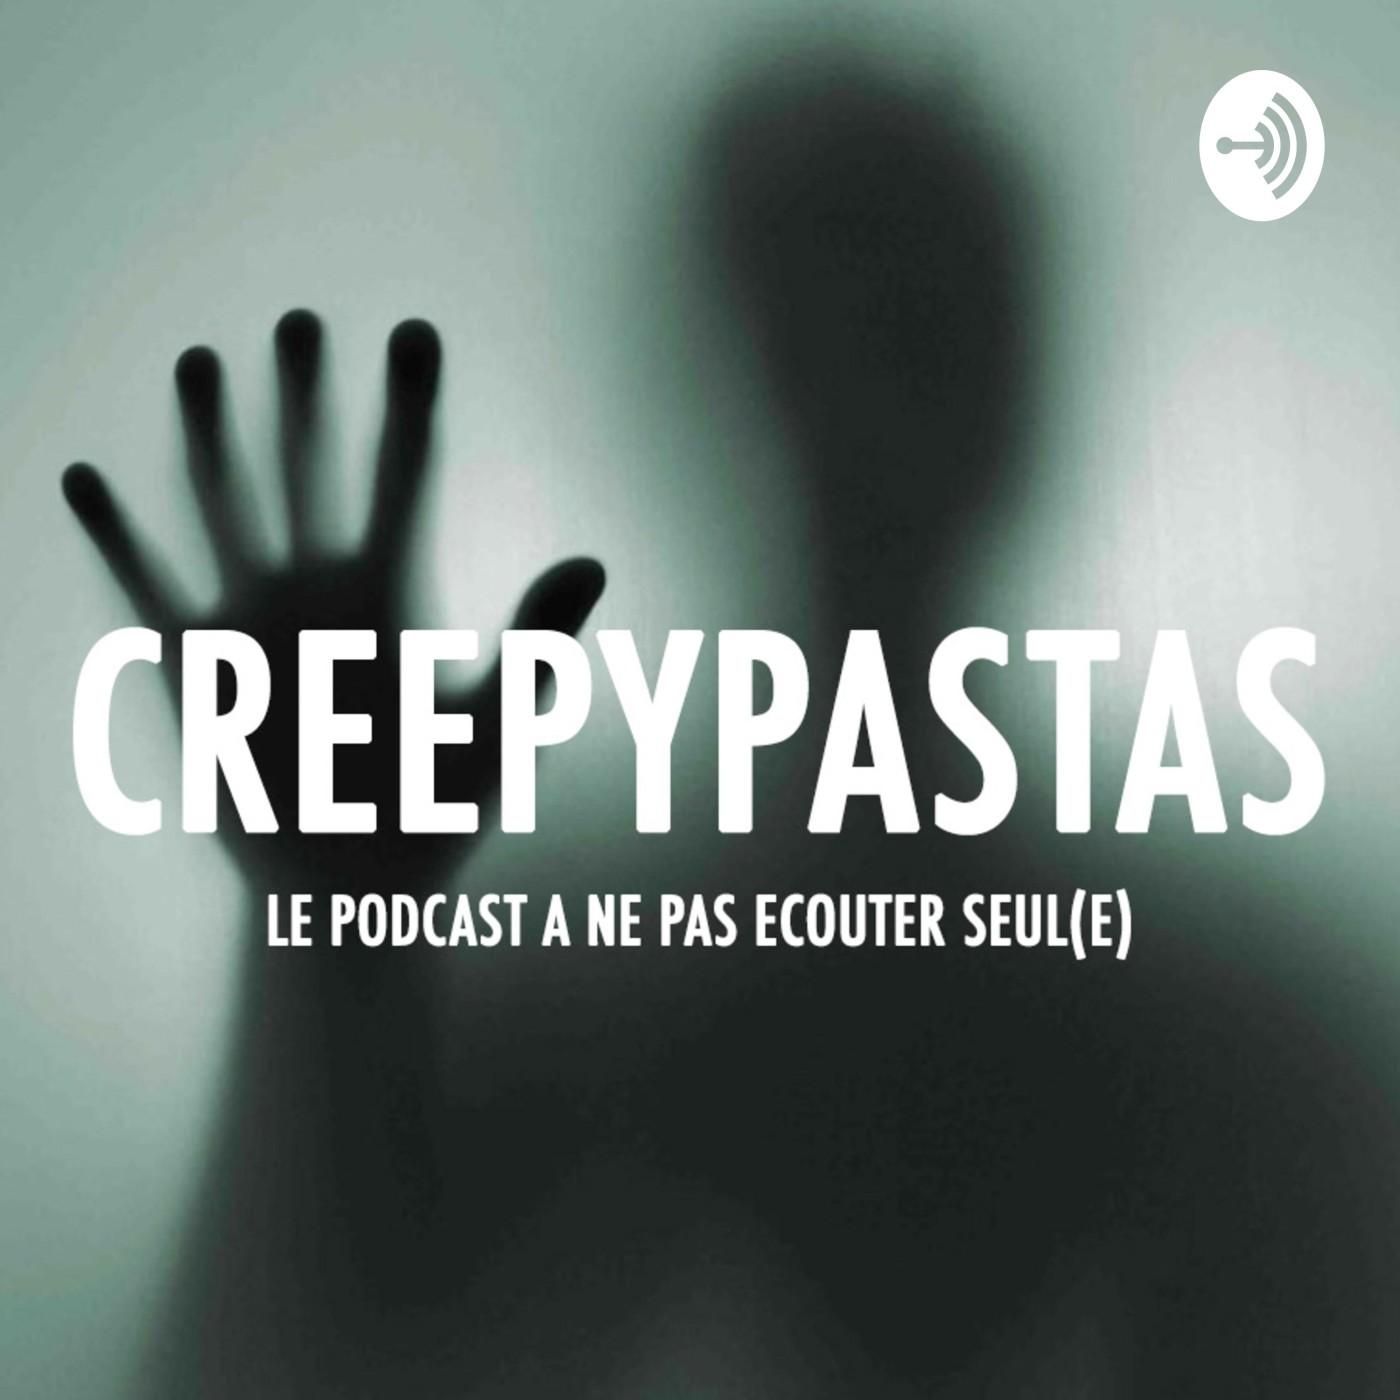 CREEPYPASTA EP.009 - L'appartement étrange - Podcast horreur & paranormal